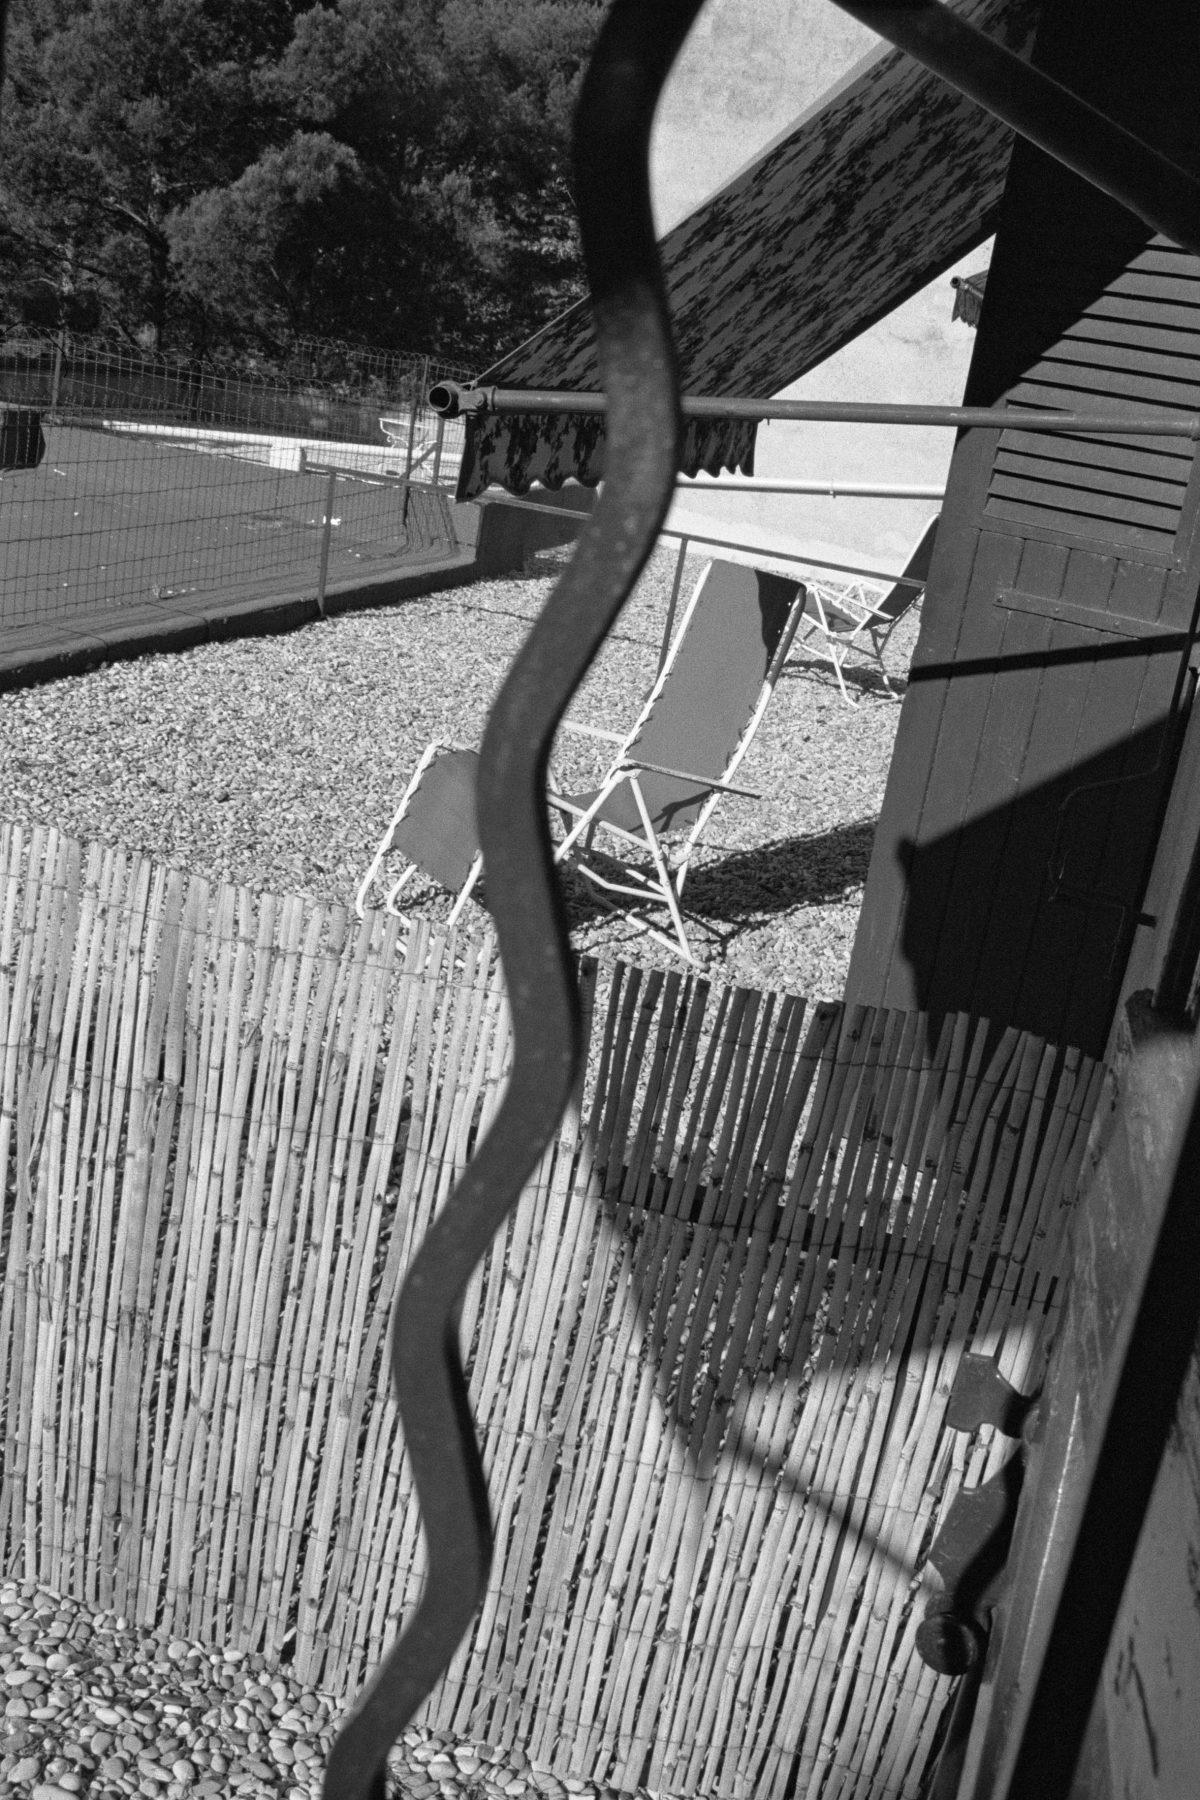 023-1988-12-40x50-denis-roche-fisheyelemag